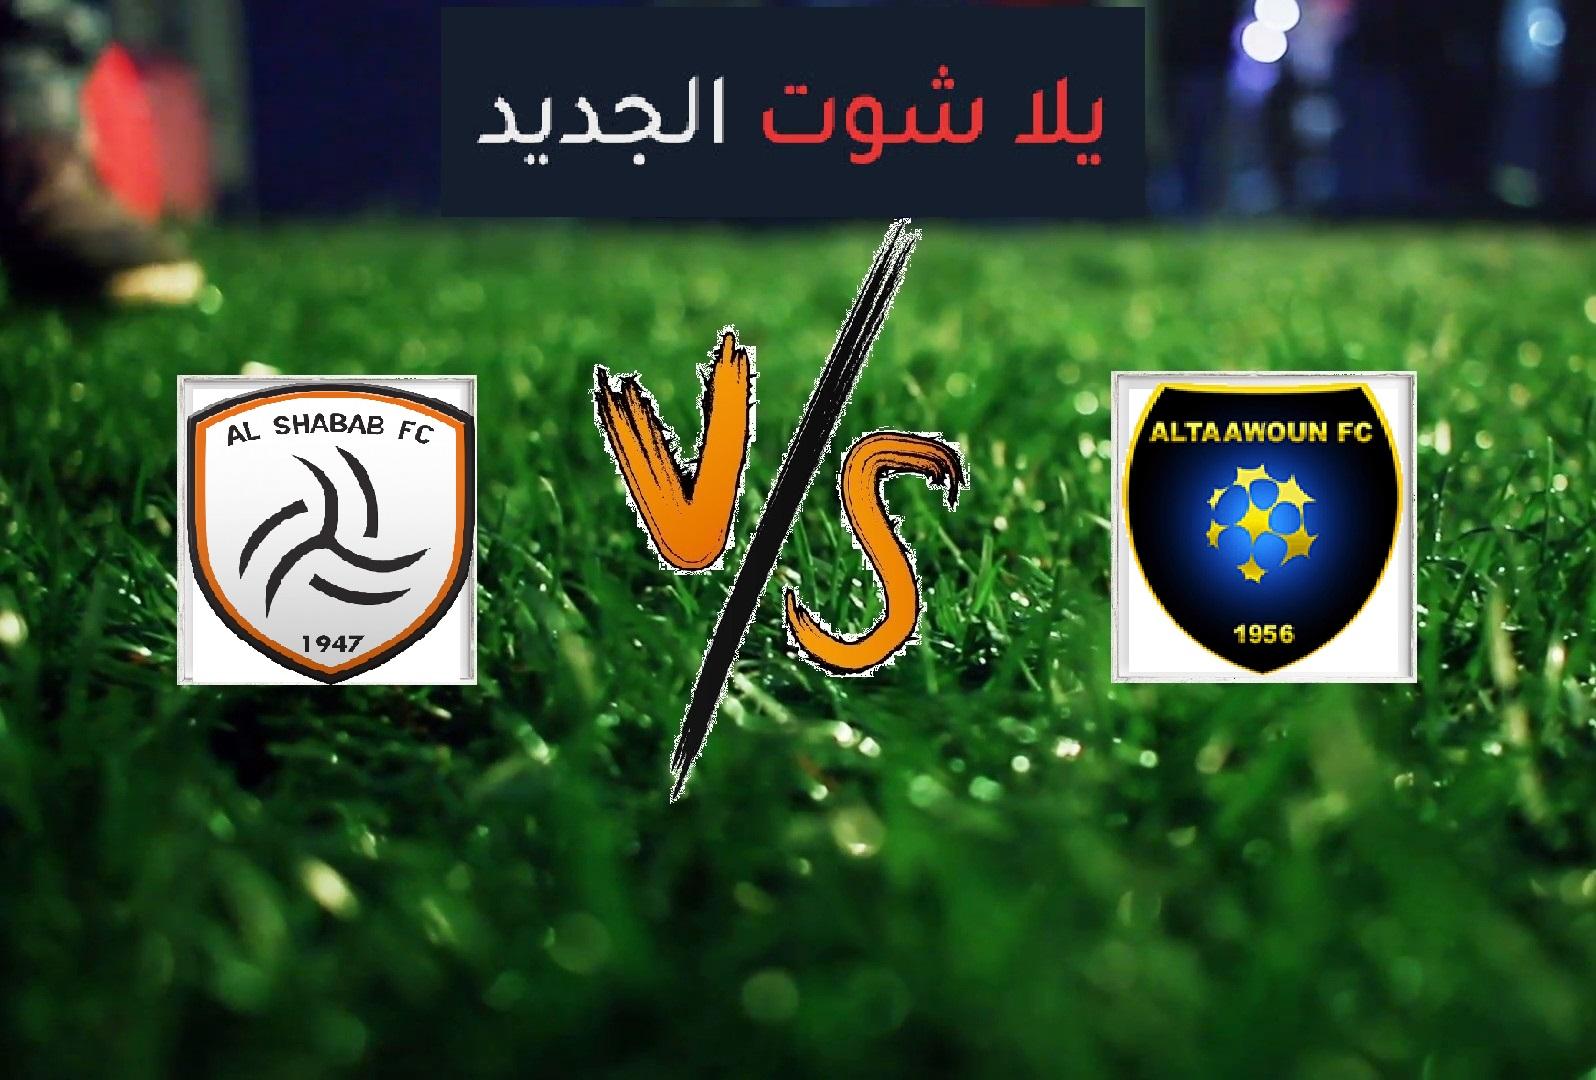 ملخص مباراة التعاون والشباب اليوم السبت بتاريخ 11-05-2019 الدوري السعودي